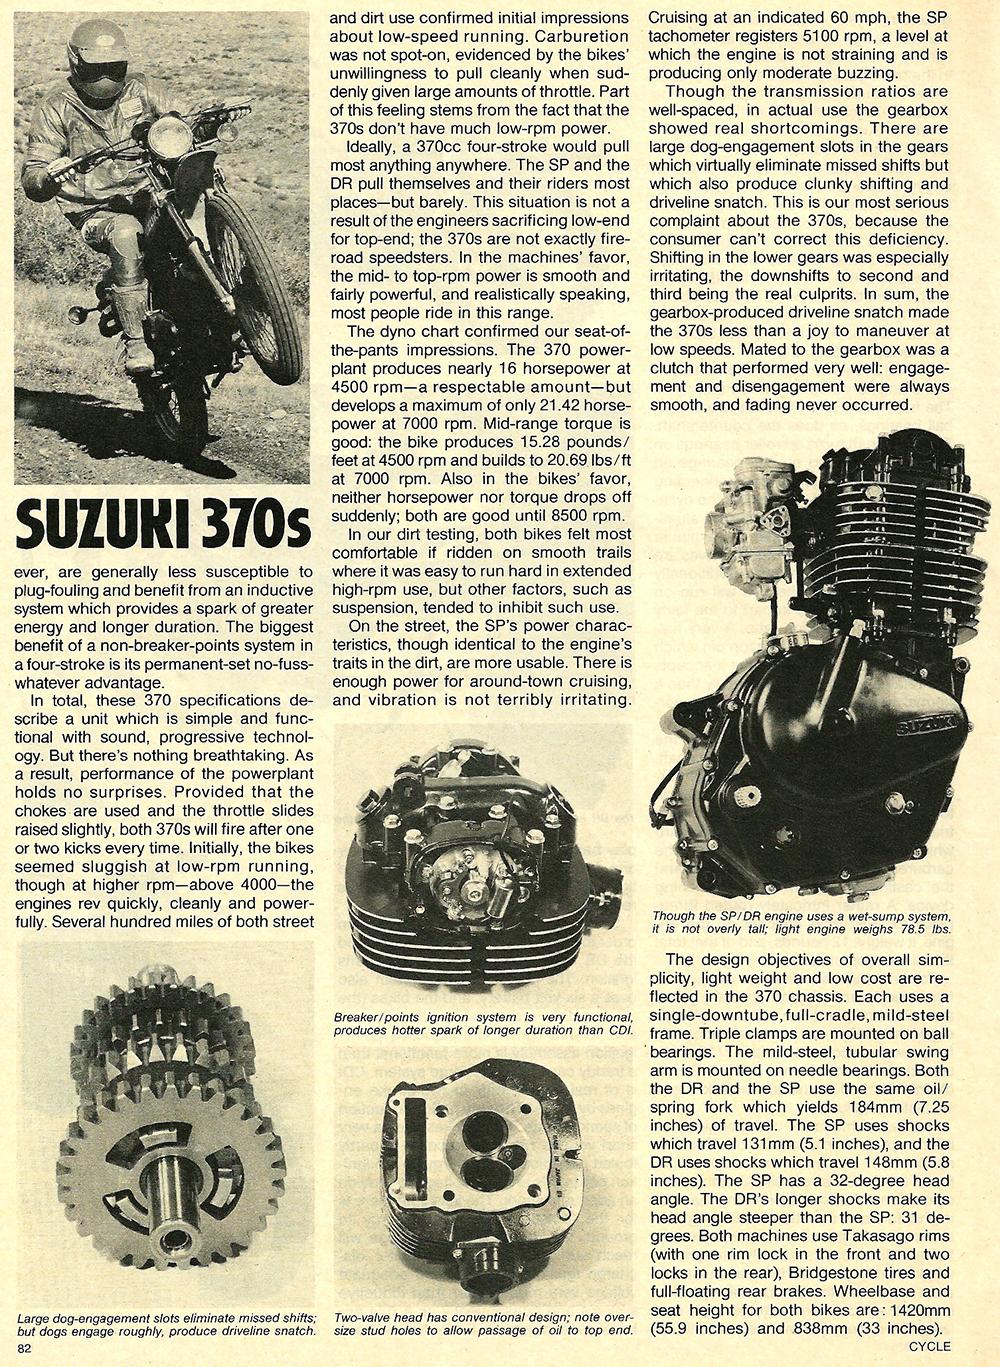 1978 Suzuki DR SP 370 road test 05.jpg